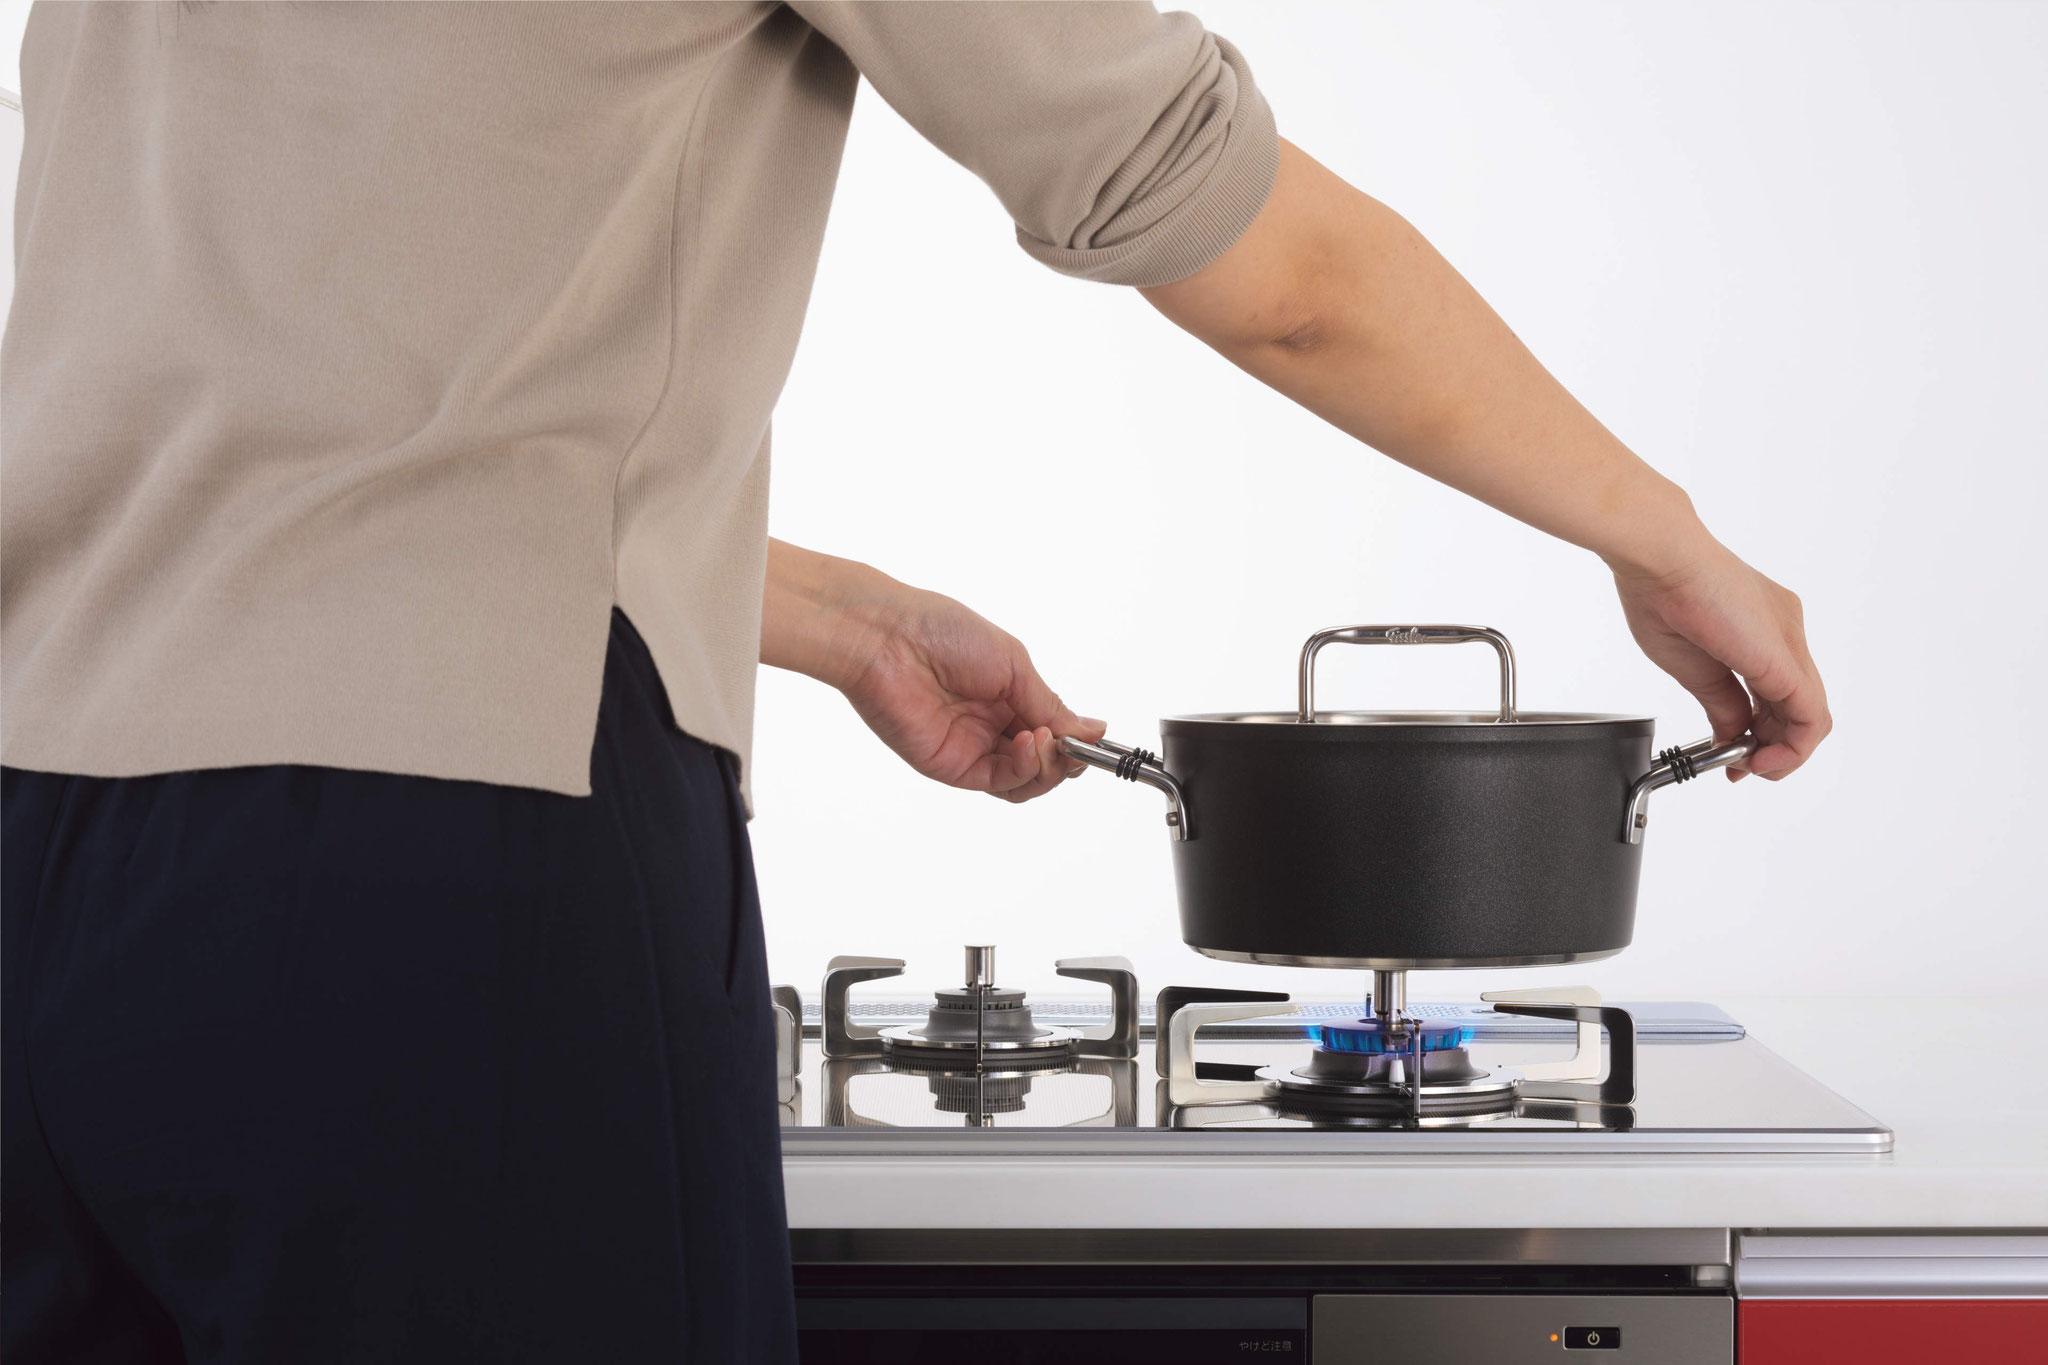 お鍋を置かないと点火せず、調理中にお鍋を離すと自動で小火に、そのまま放置で自動消火。「鍋なし検知機能」を搭載